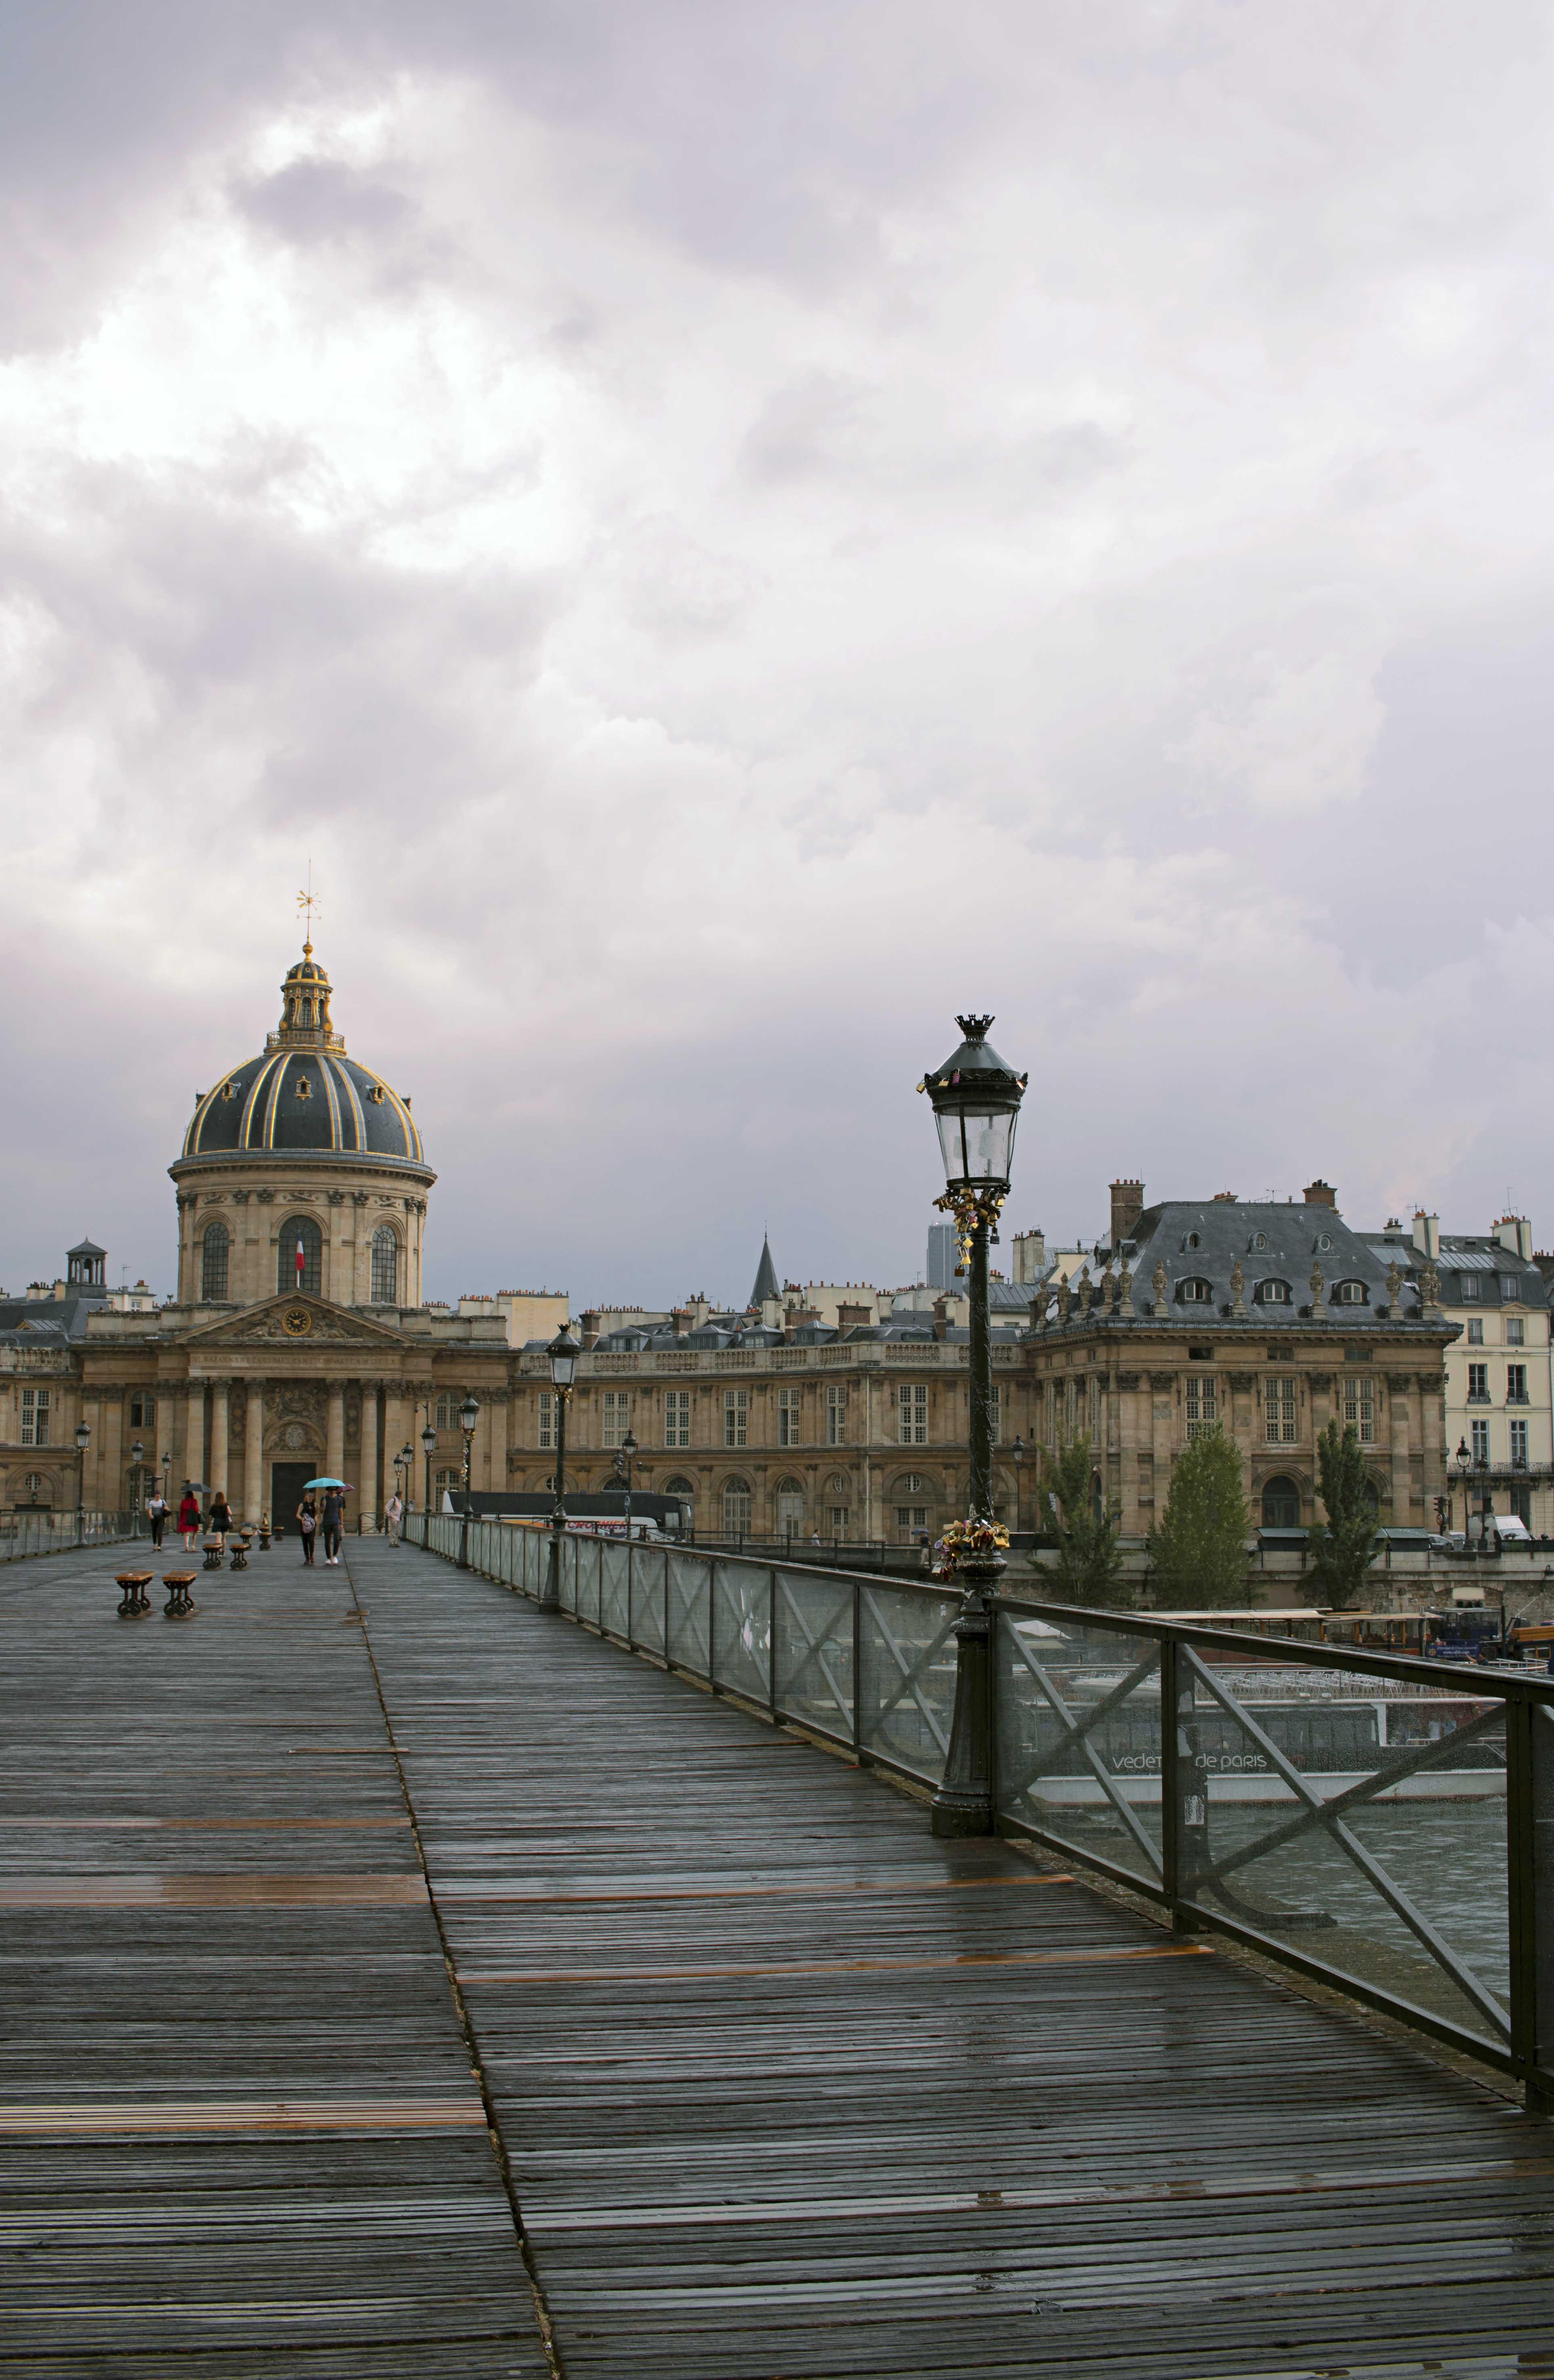 Sex and the City Paris Bridge